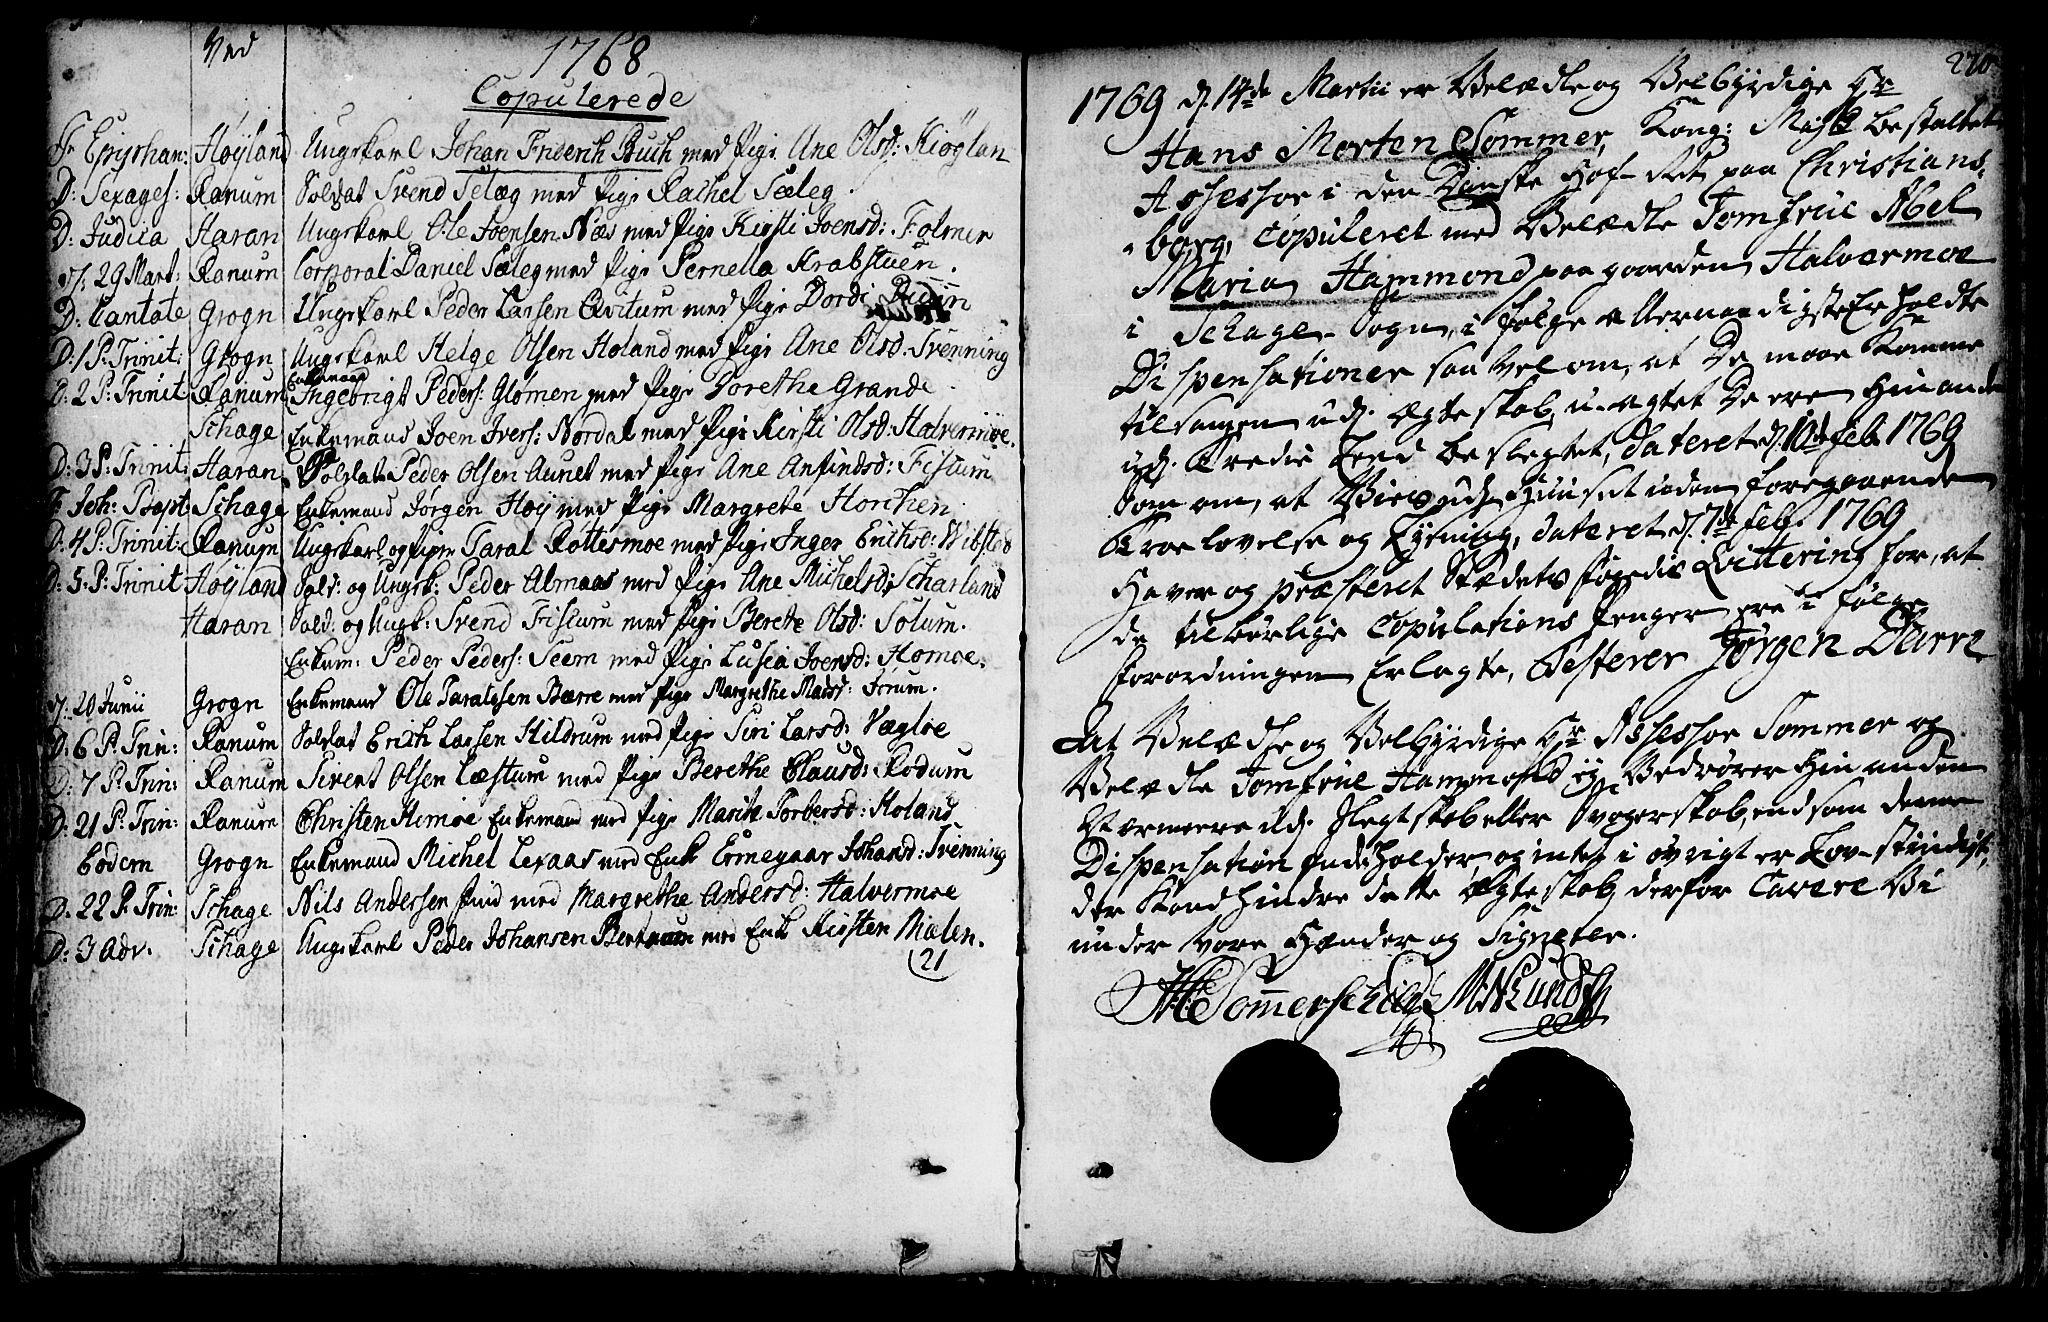 SAT, Ministerialprotokoller, klokkerbøker og fødselsregistre - Nord-Trøndelag, 764/L0542: Ministerialbok nr. 764A02, 1748-1779, s. 270